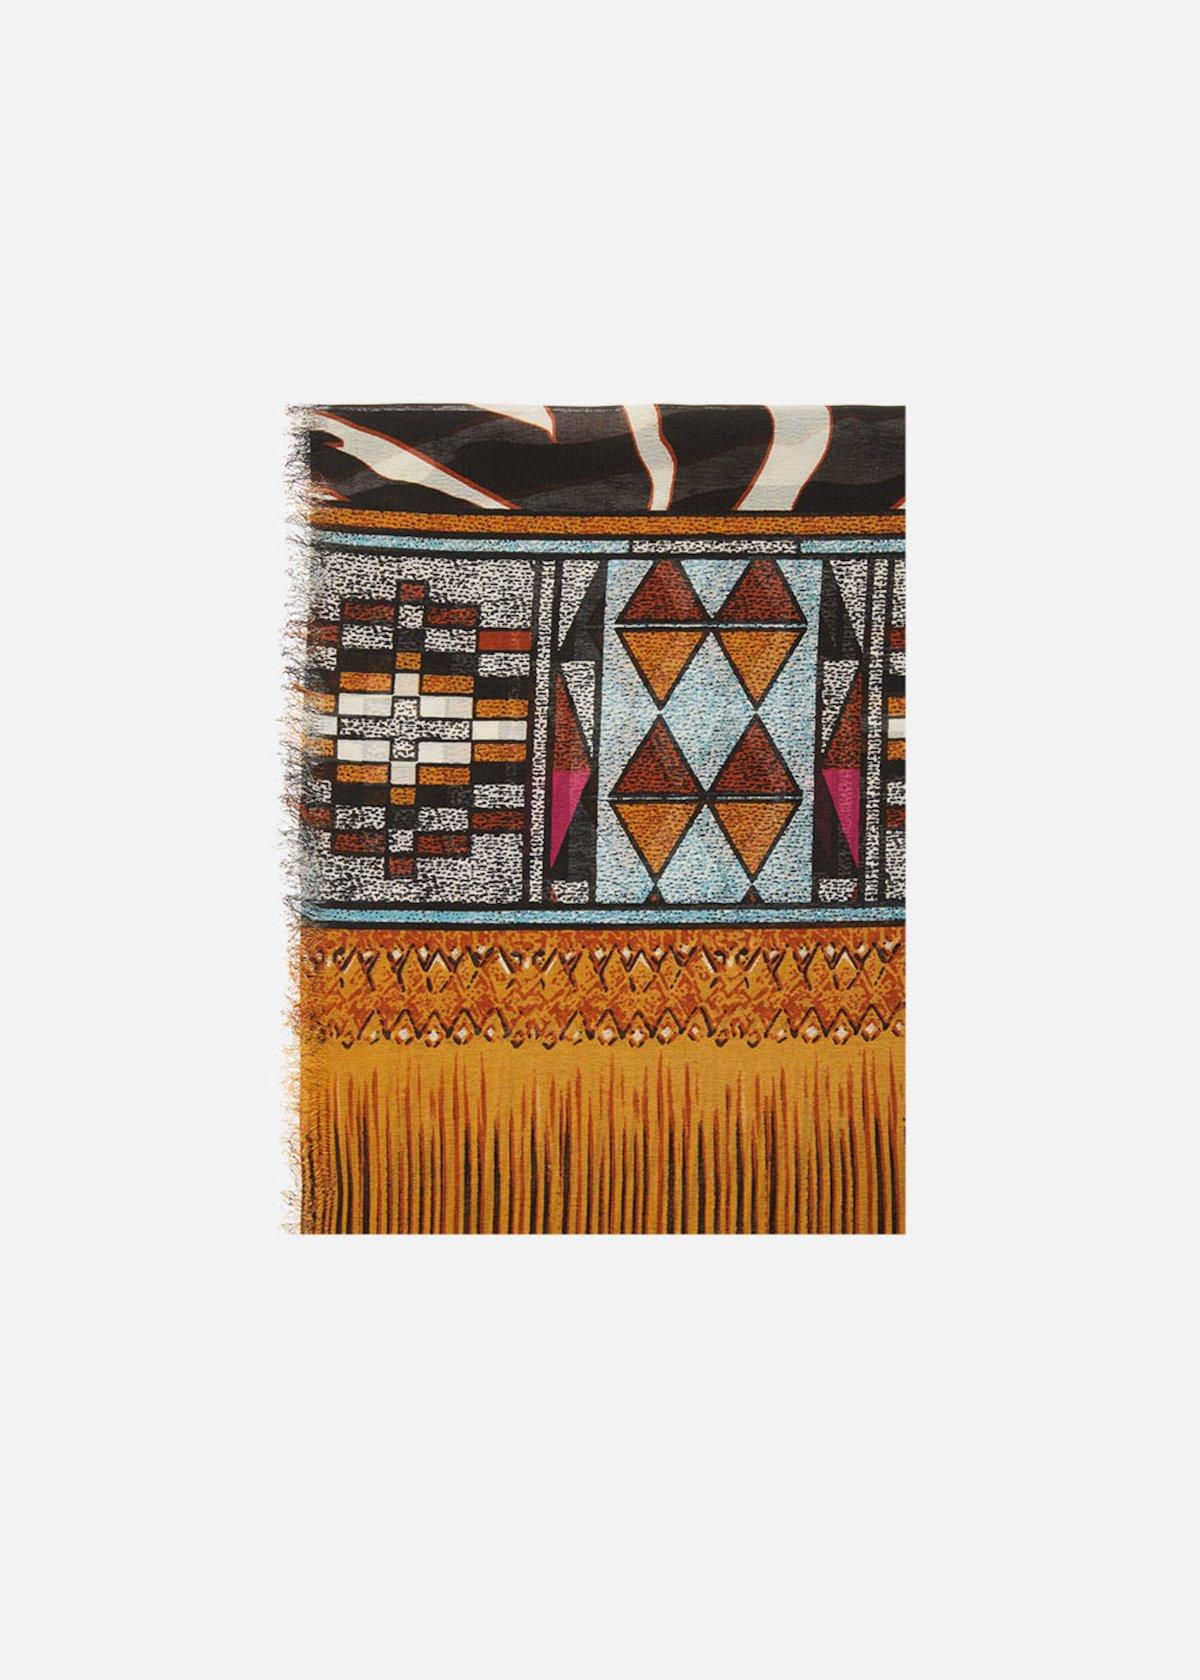 Sciarpa Safy con stampa tribale - Light Beige / Black Animalier